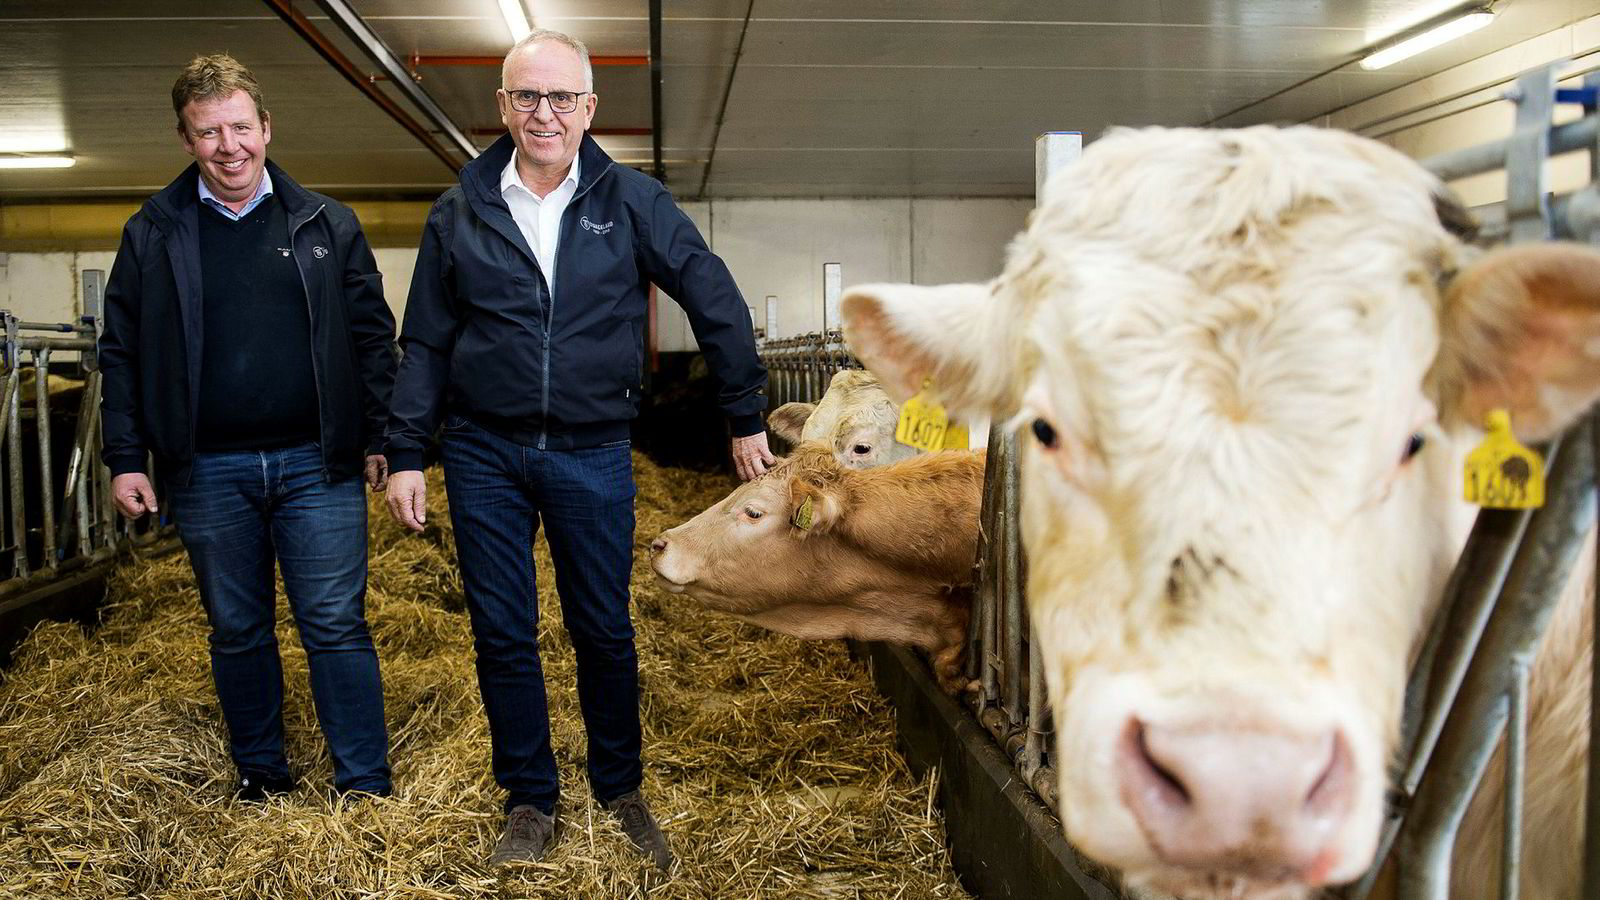 Tommy Stangeland, til venstre, har brukt en del av overskuddet fra Stangeland Maskin til å bygge opp en gård med eksklusive okser. Her sammen med faren Olav.